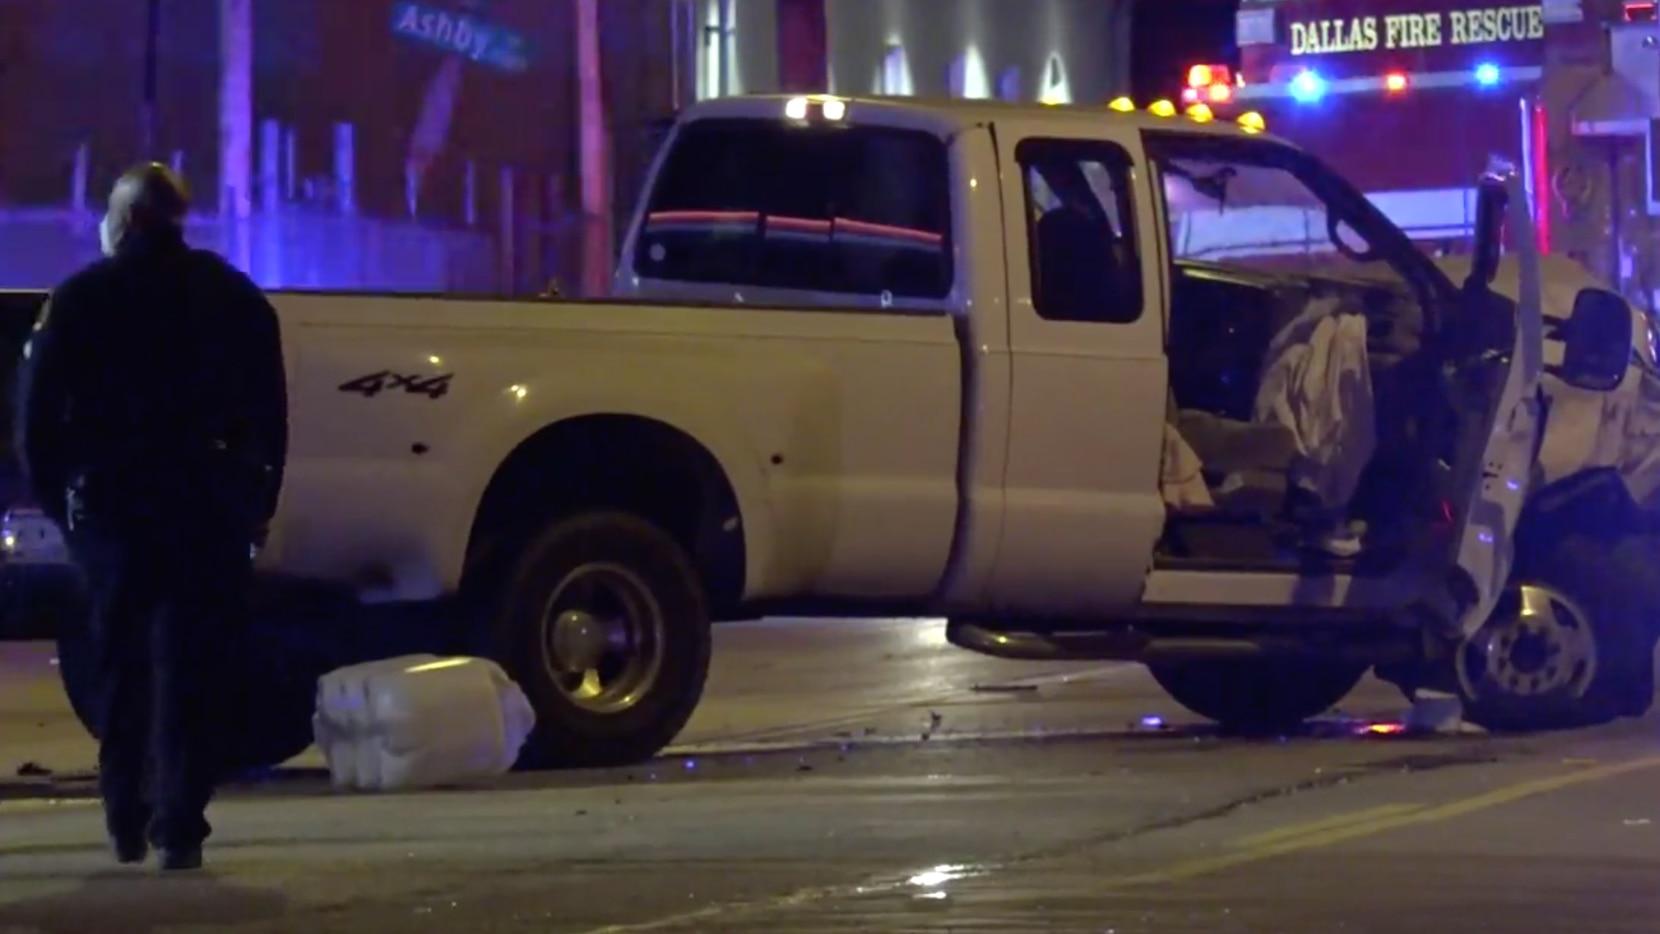 Dos personas están bajo custodia policial luego de un choque fatal la madrugada del viernes en Old East Dallas.